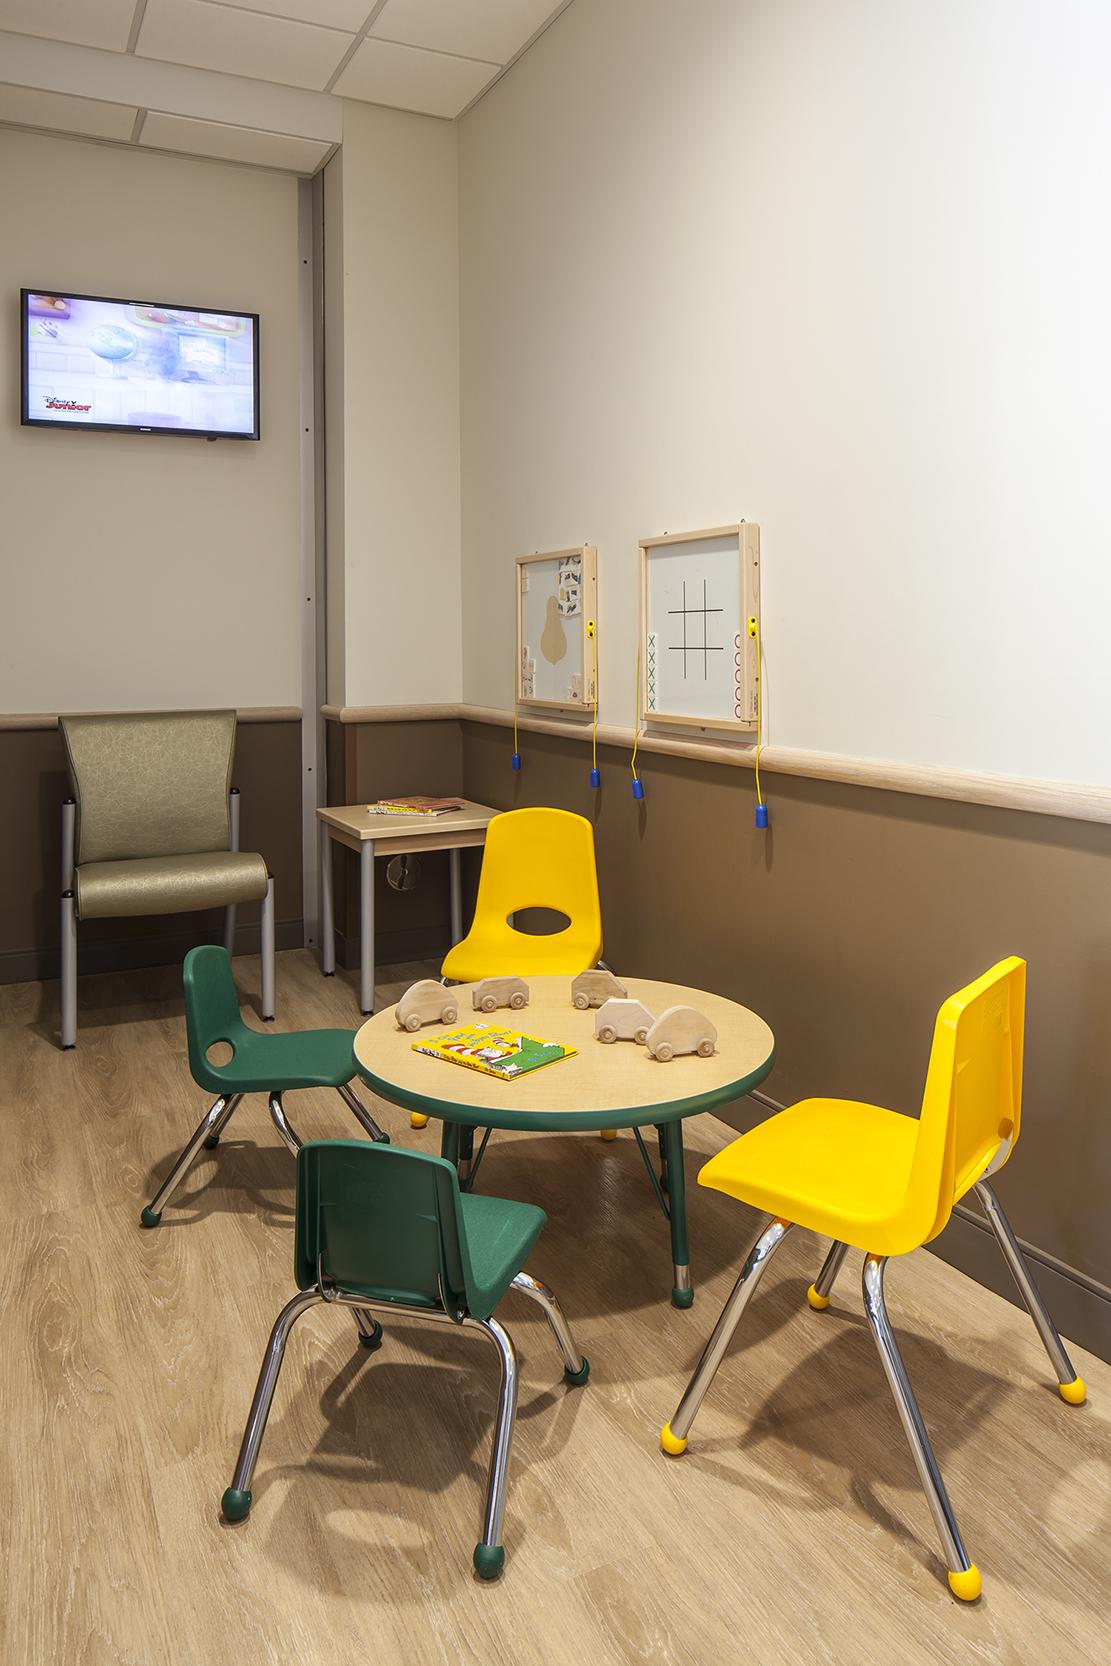 Children's corner in waiting room